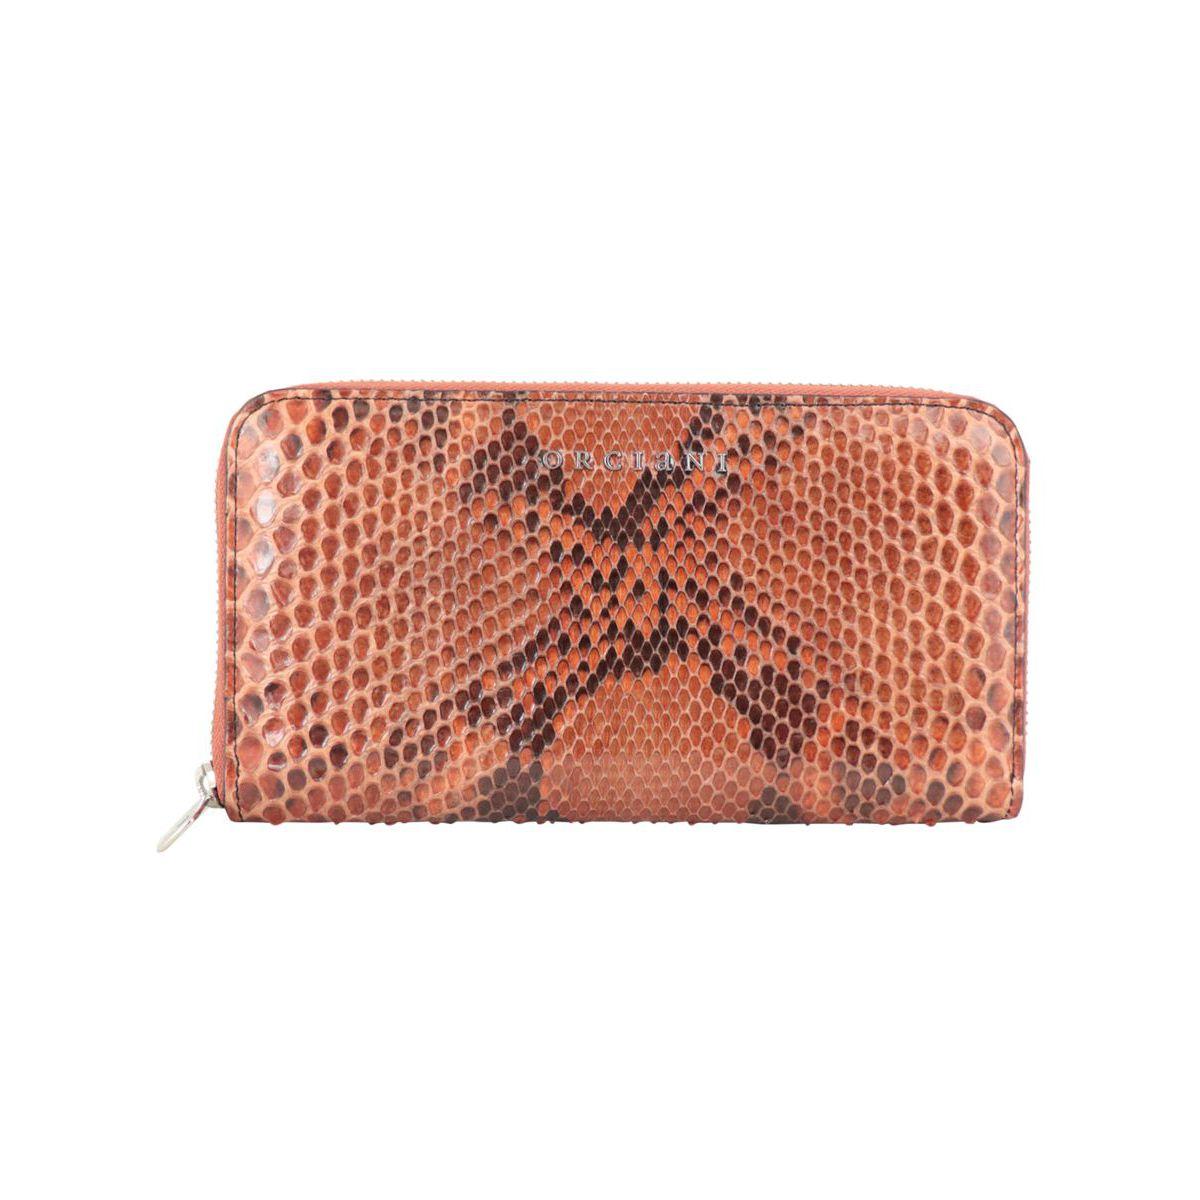 Diamond python wallet Orange Orciani